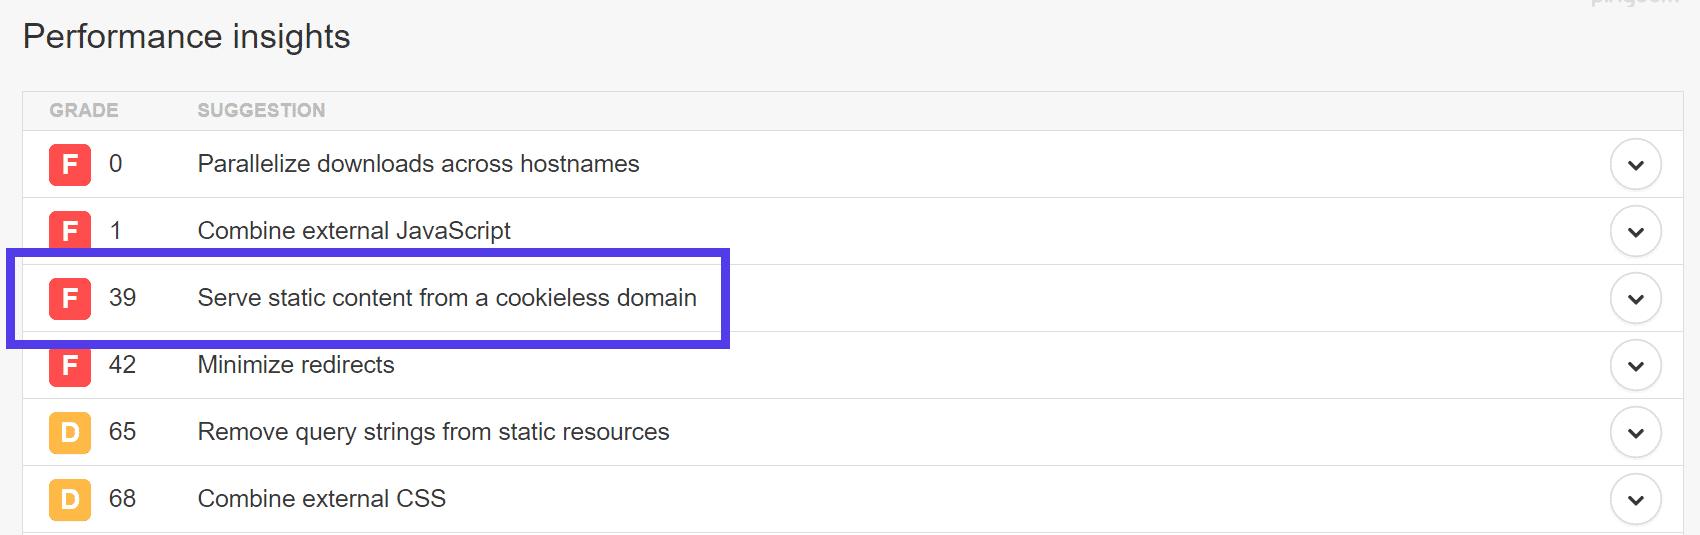 Servir conteúdo estático de um aviso de domínio sem cookies